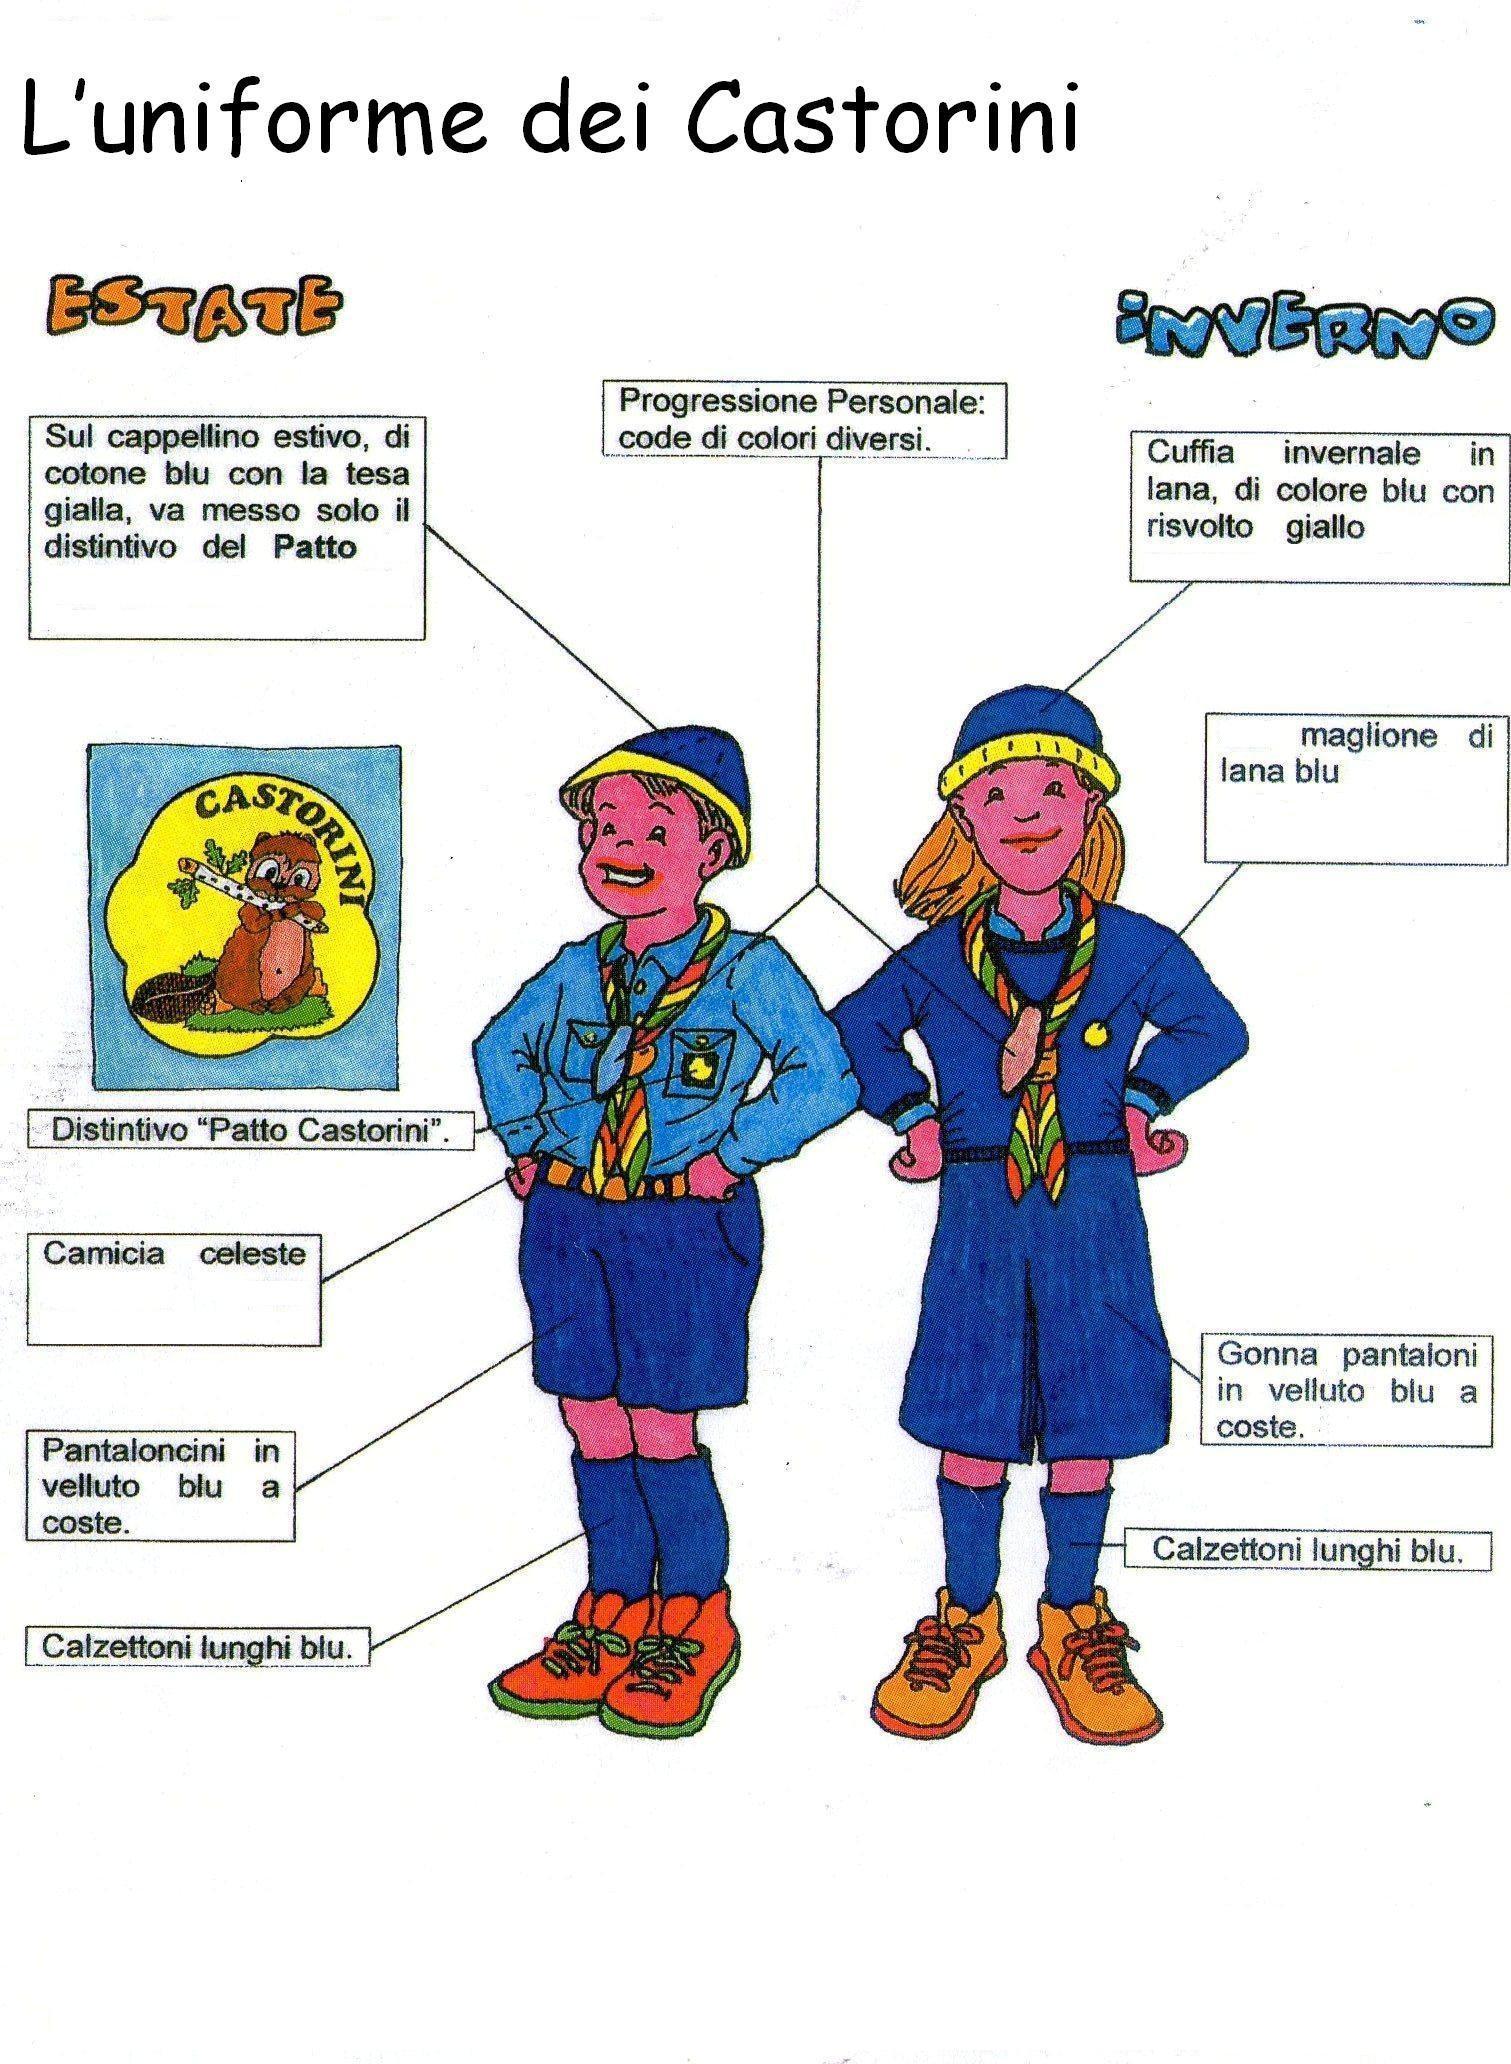 castorini_uniforme